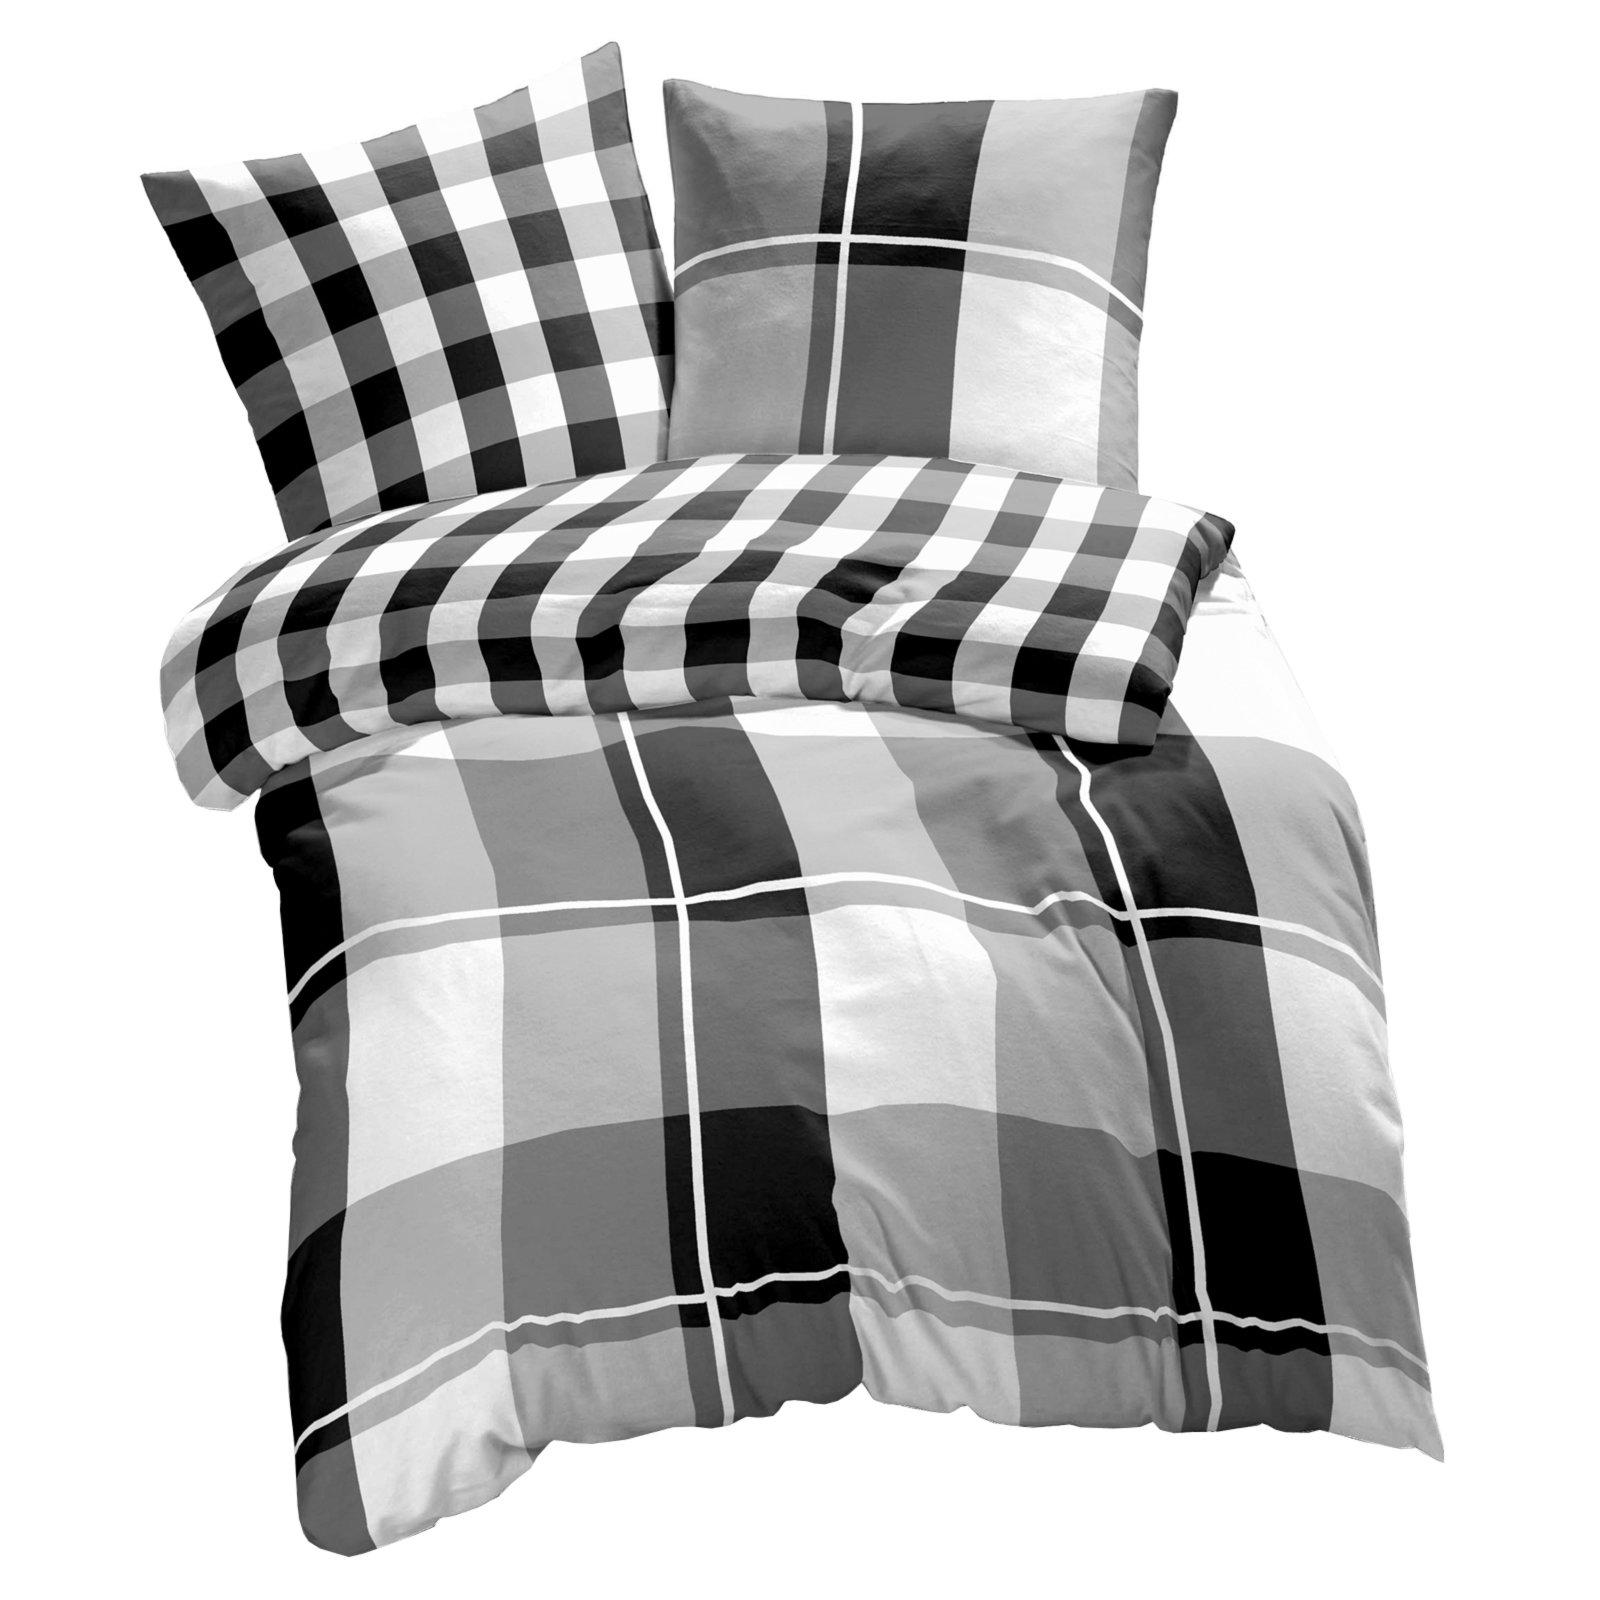 renforc bettw sche thomas check grau 135x200 cm bettw sche bettw sche bettlaken. Black Bedroom Furniture Sets. Home Design Ideas